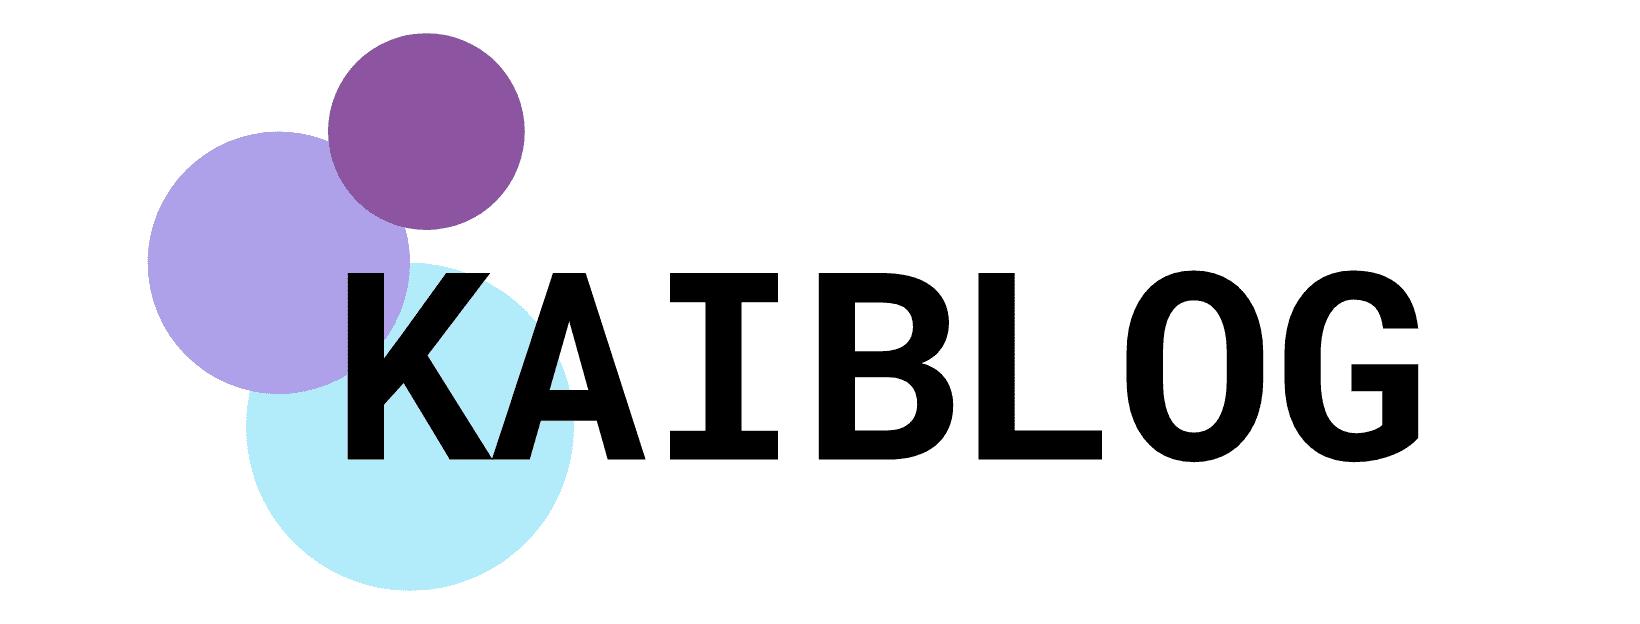 KAIBLOG